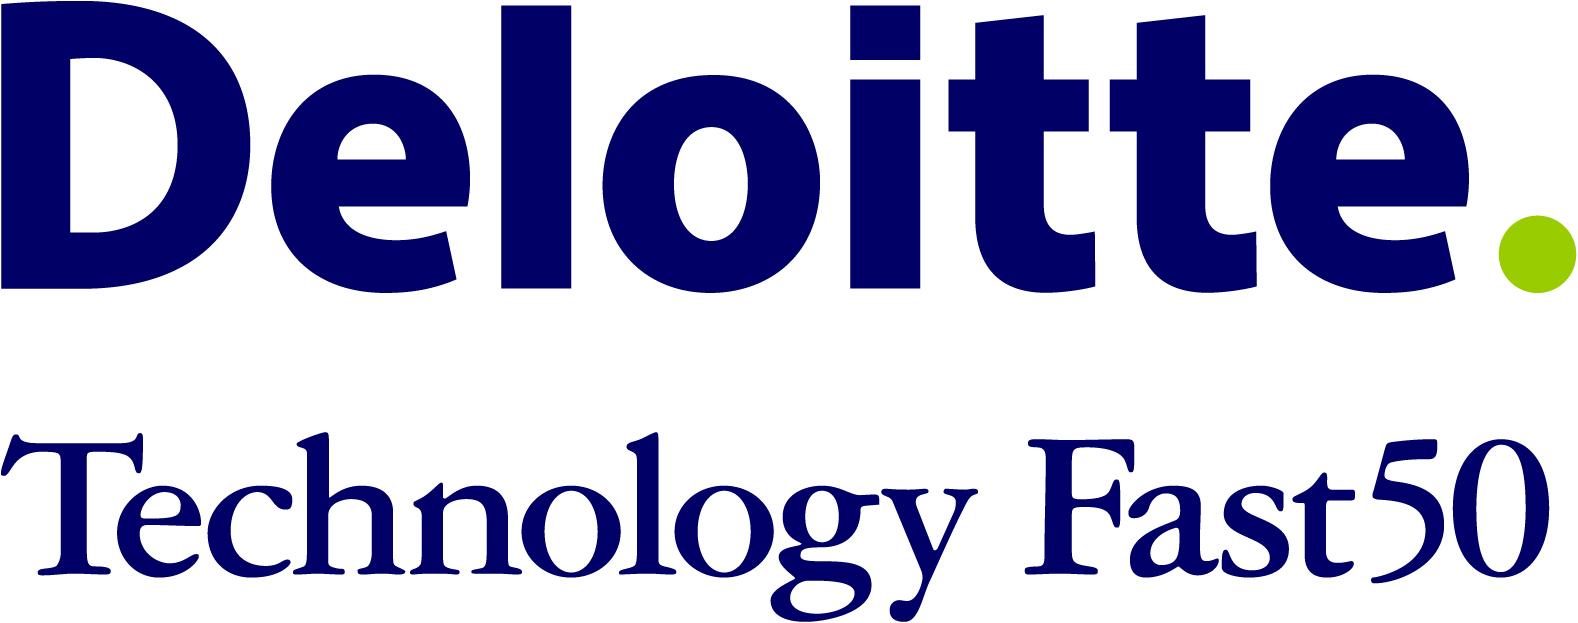 Deloitte Fast 50 Finland, Ecolane